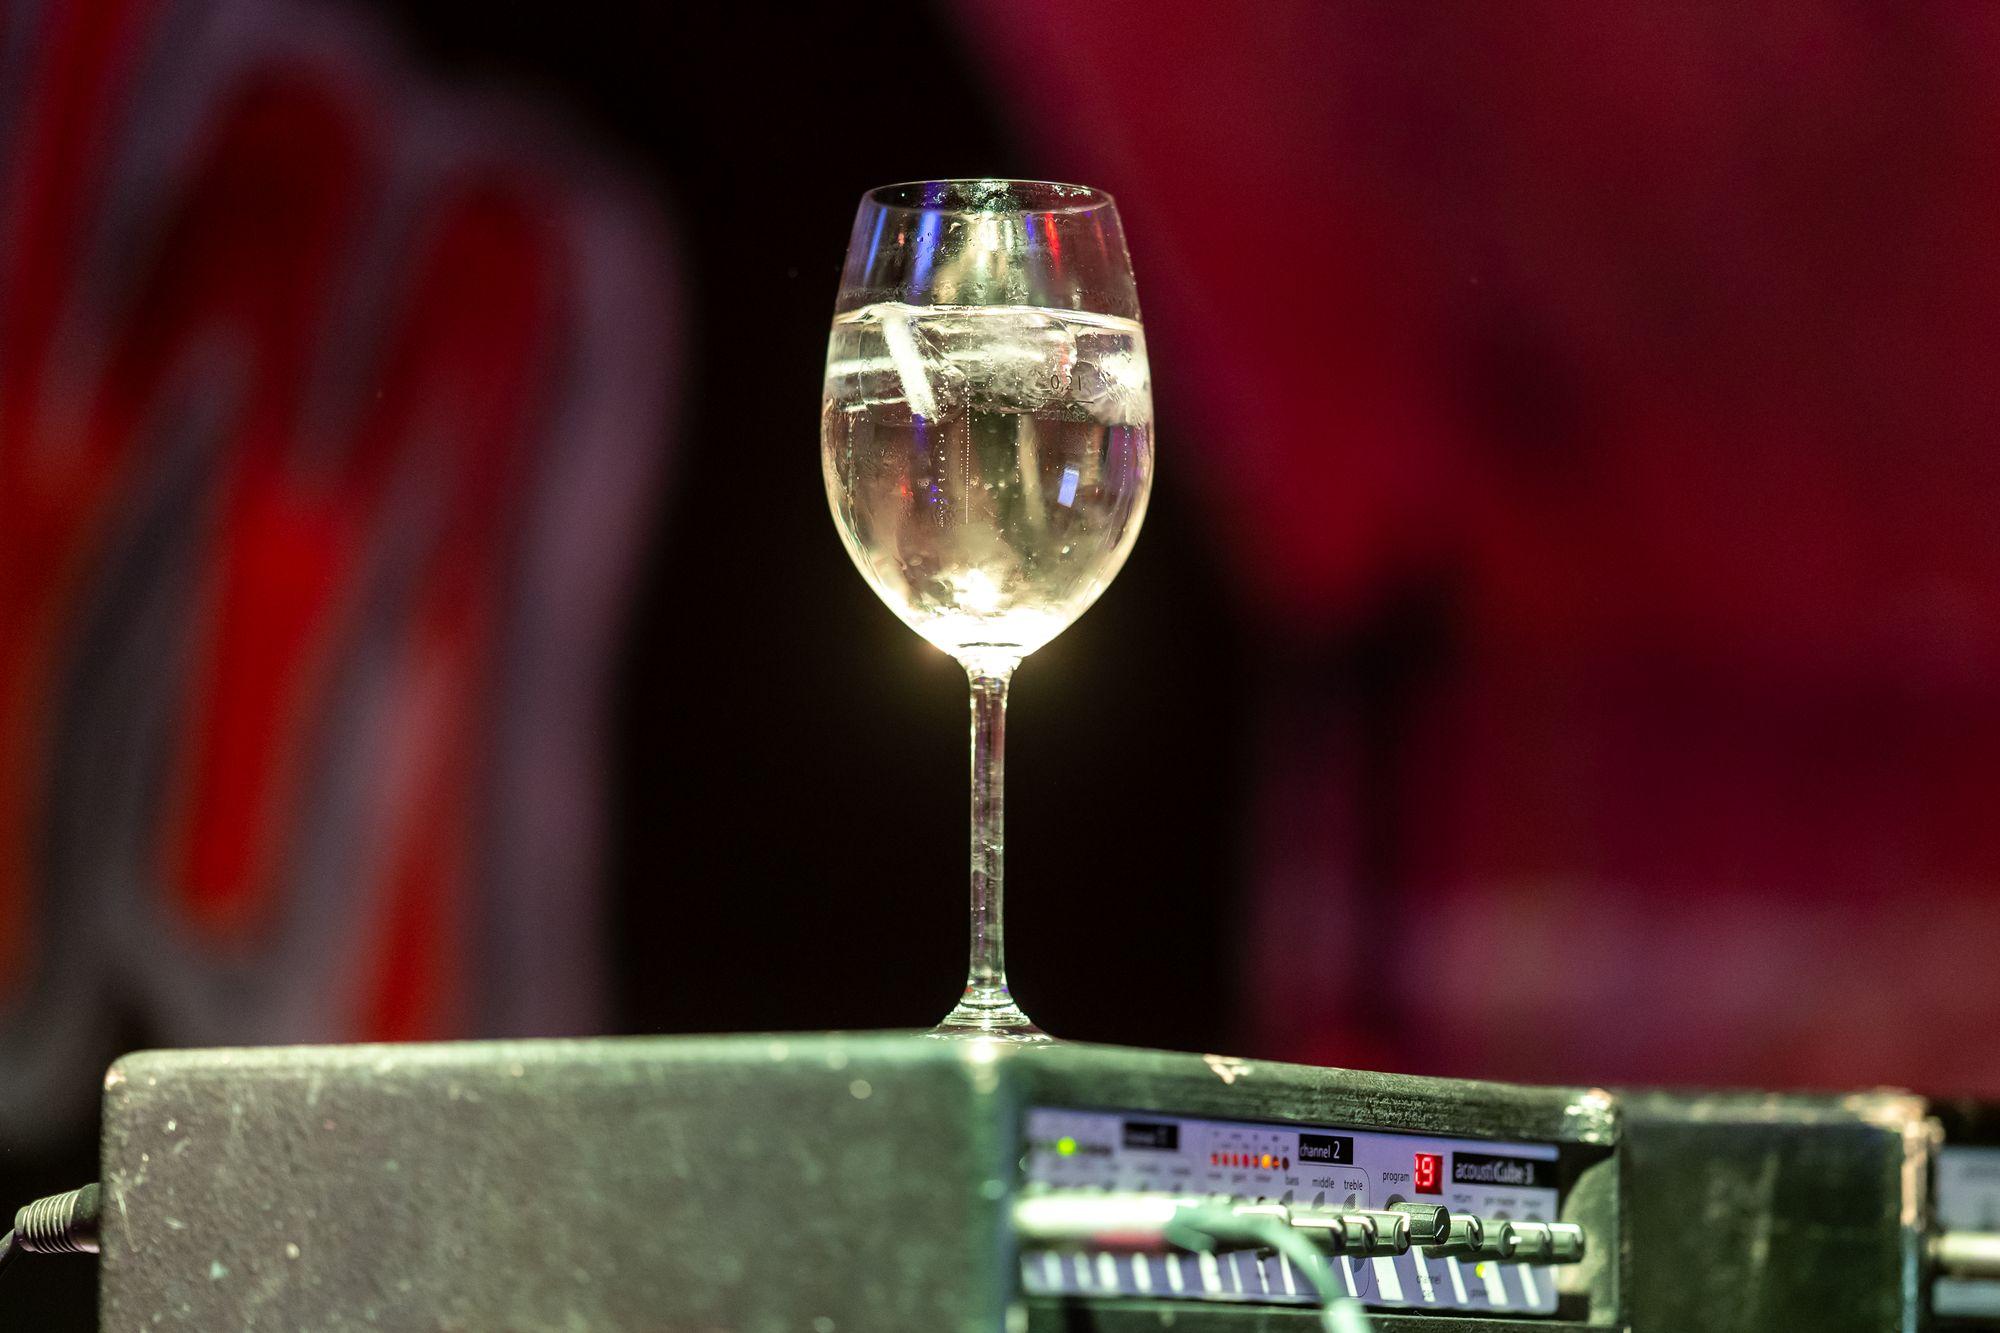 Weinglas auf dem Gitarren-Verstärker von Wulli Wullschläger im Soulhalm in Erlangen am 12. März 2020